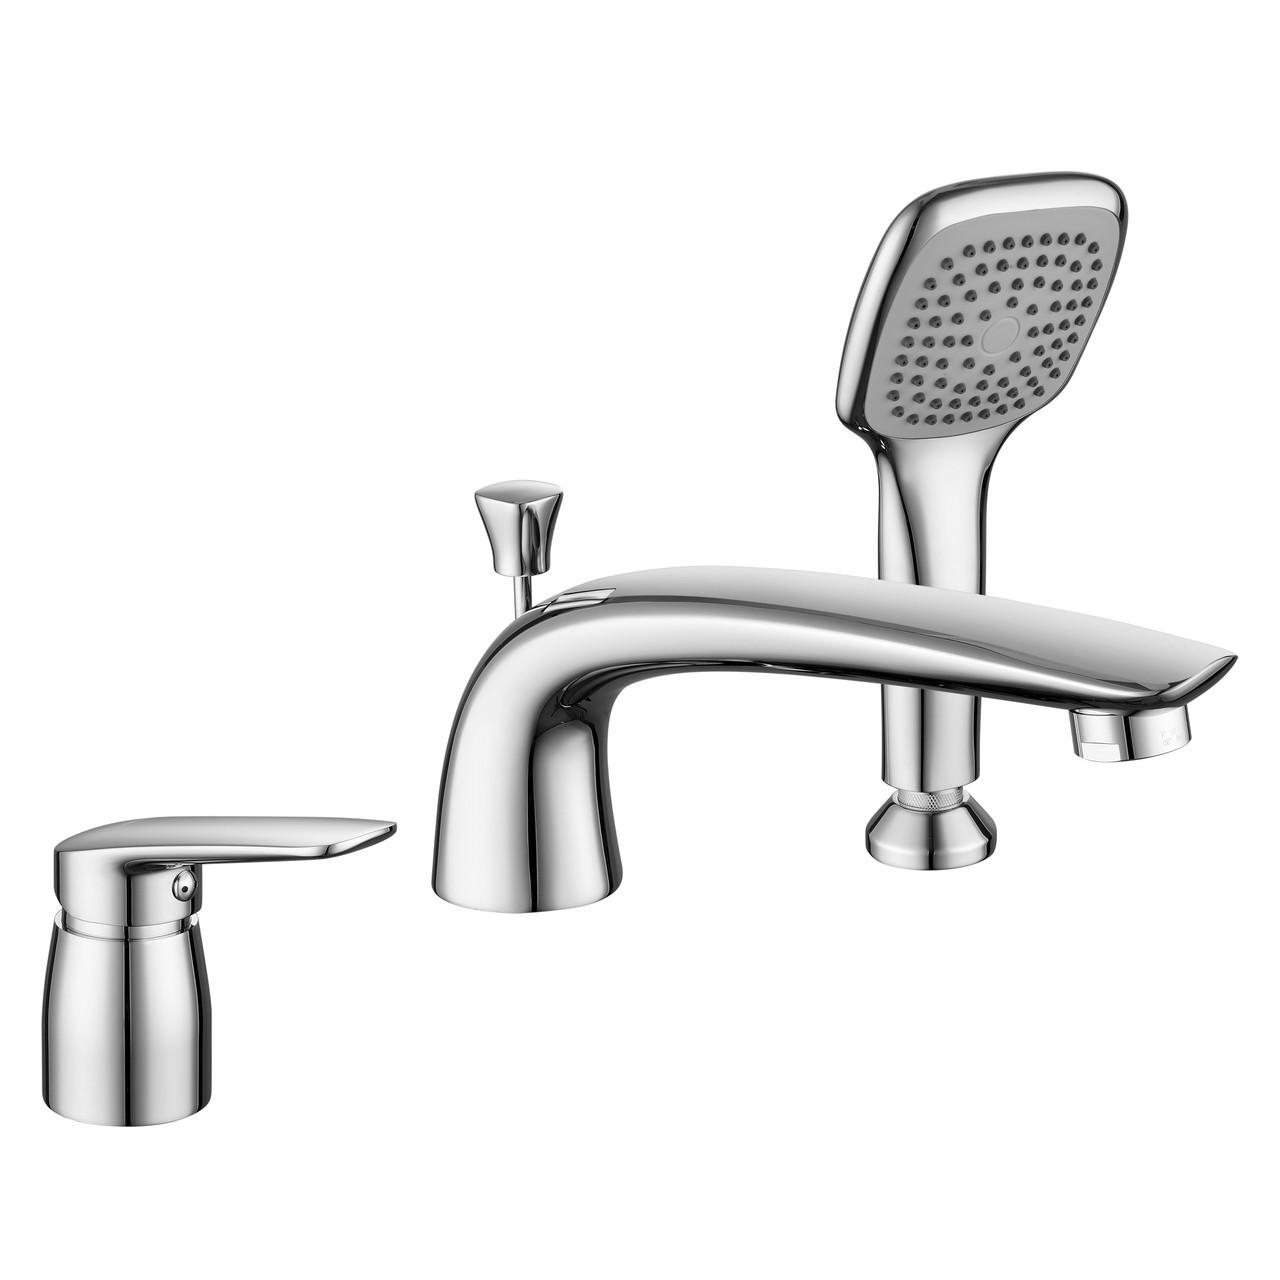 Змішувач для ванни  Imprese Praha New одноважільний врізний 🇨🇿